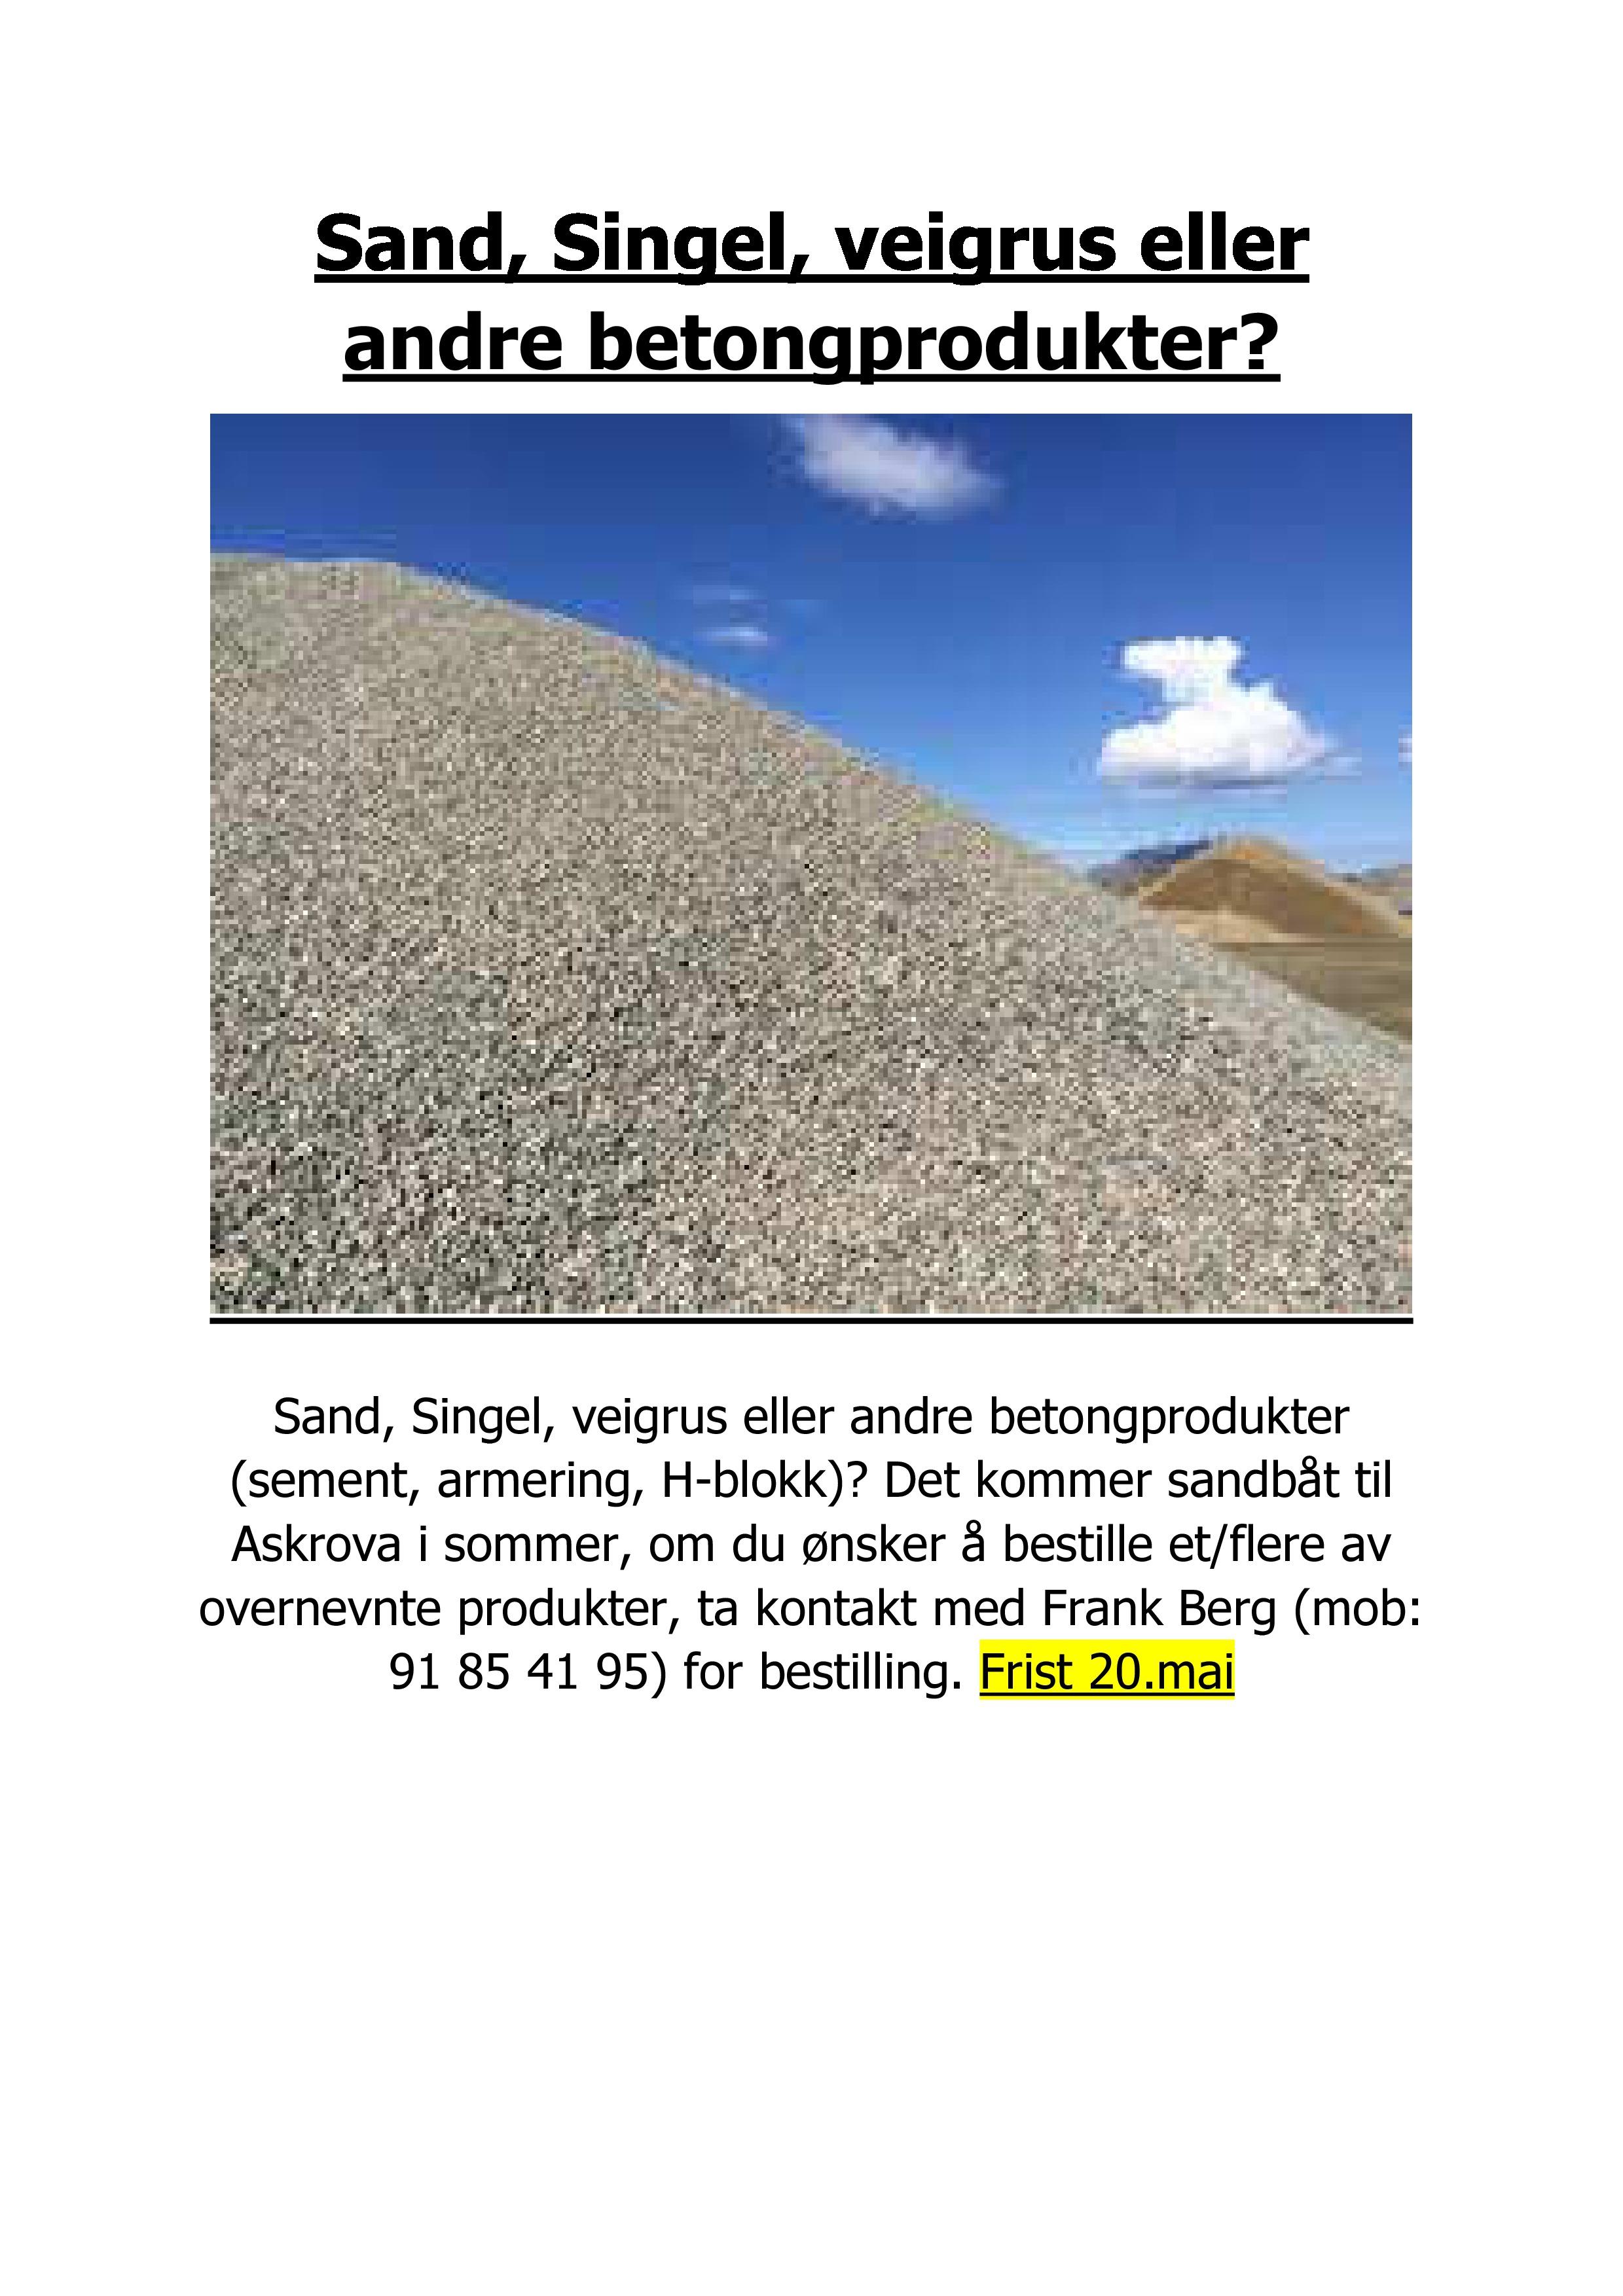 Sand og singel-page-0.jpg